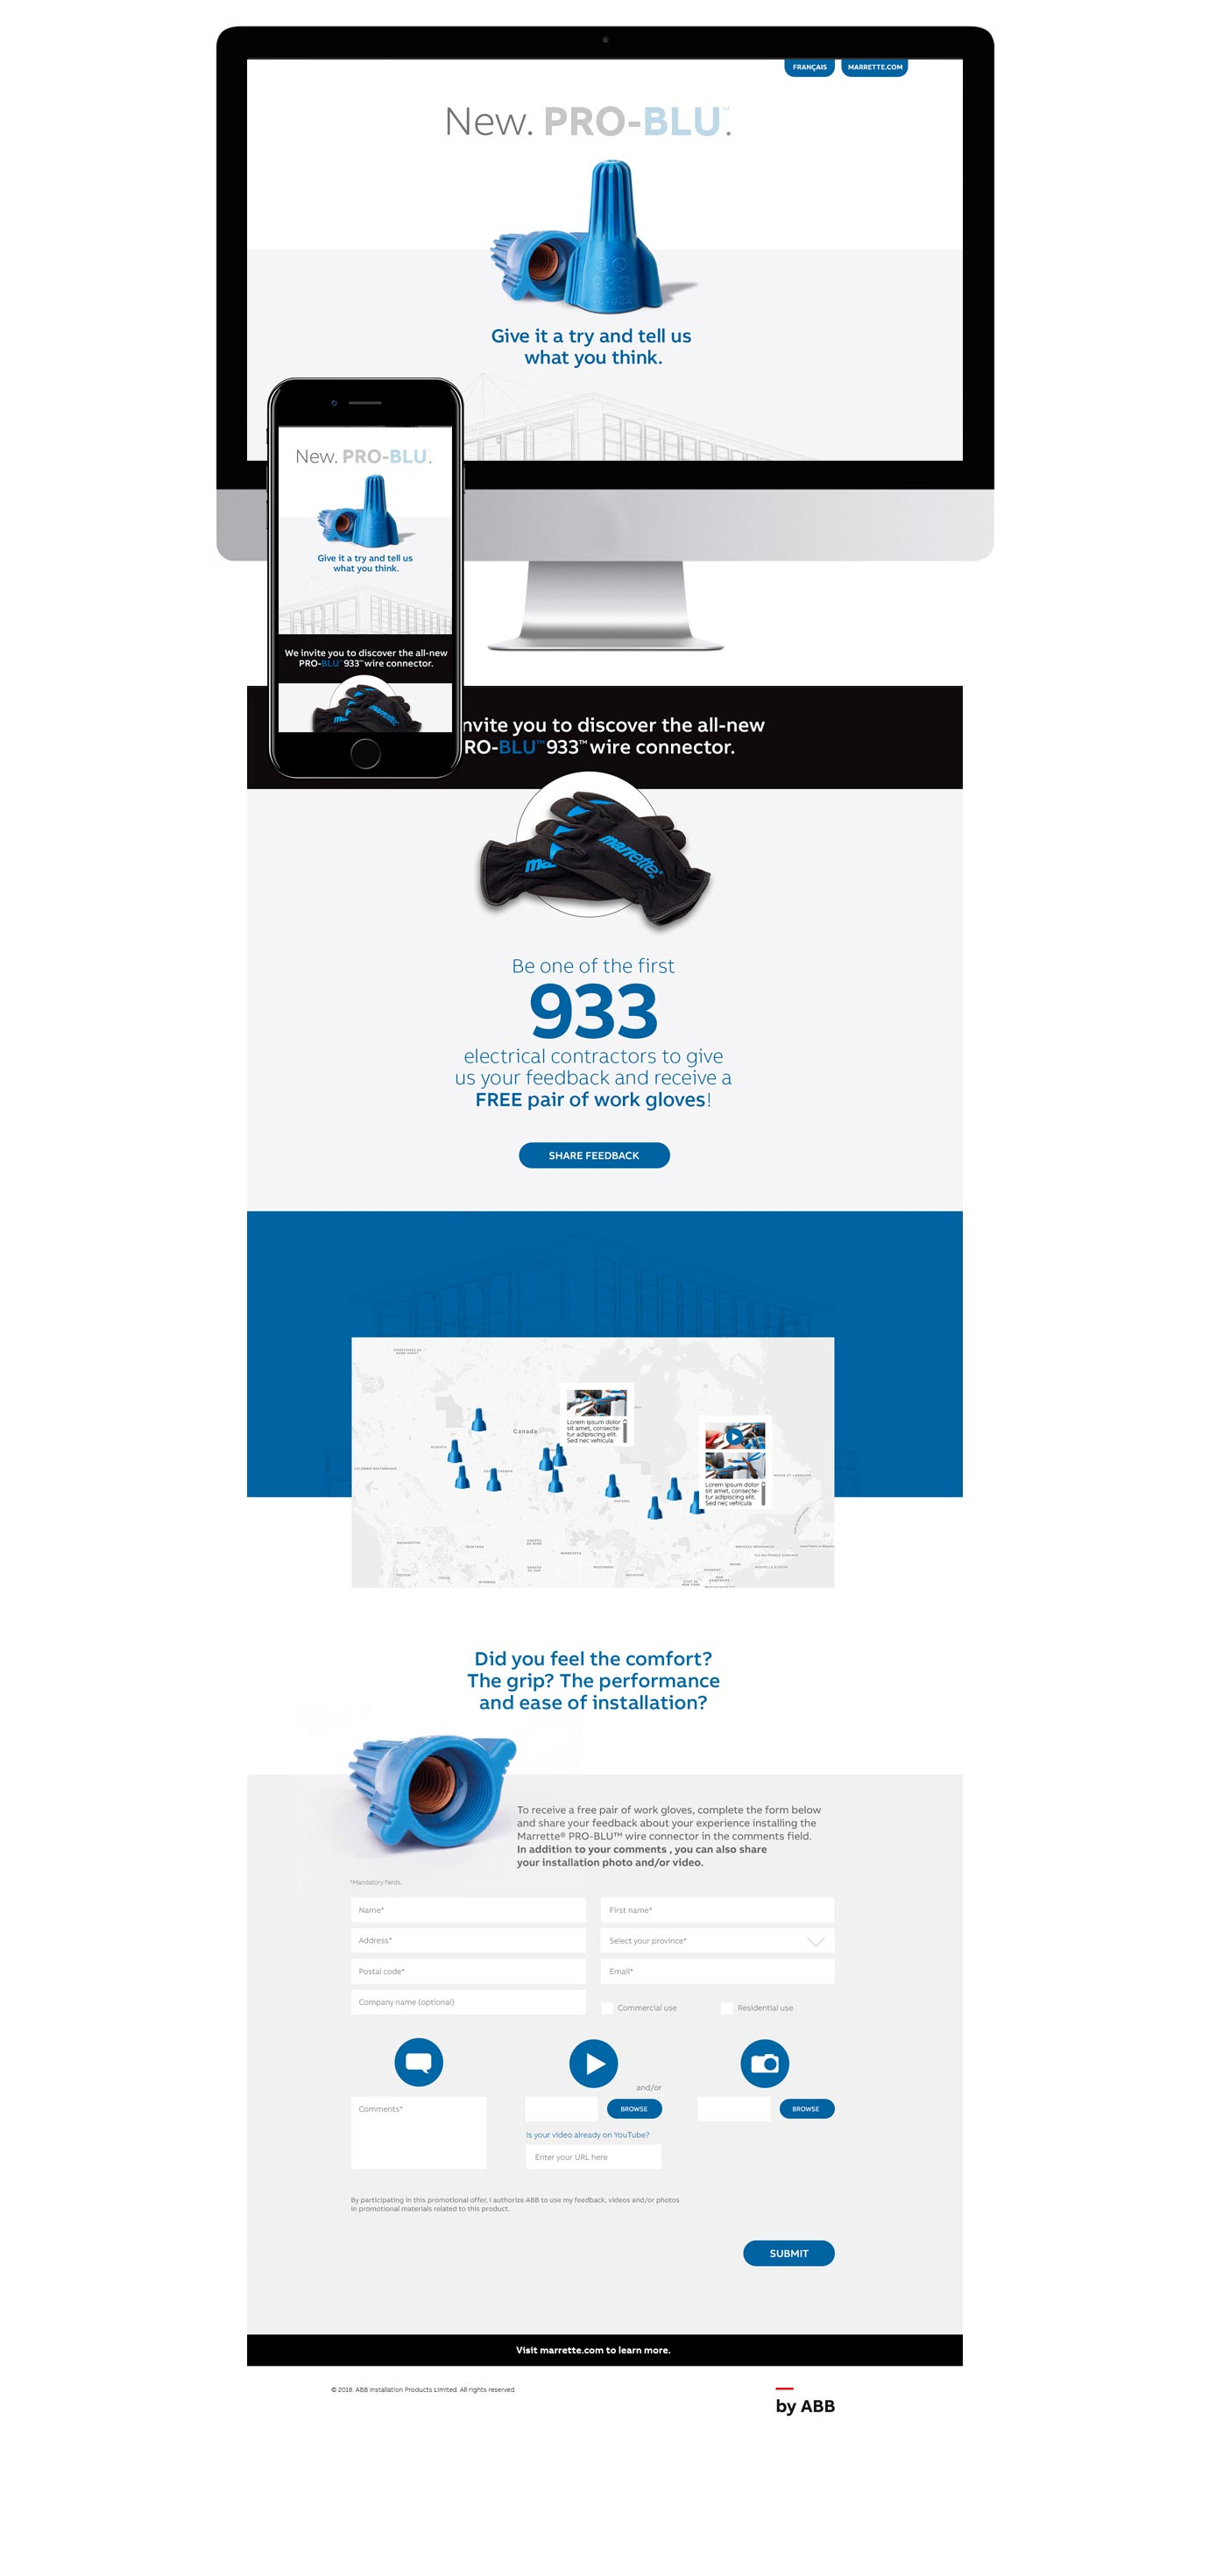 Site web pour la promotion du produit Pro-Blu de ABB